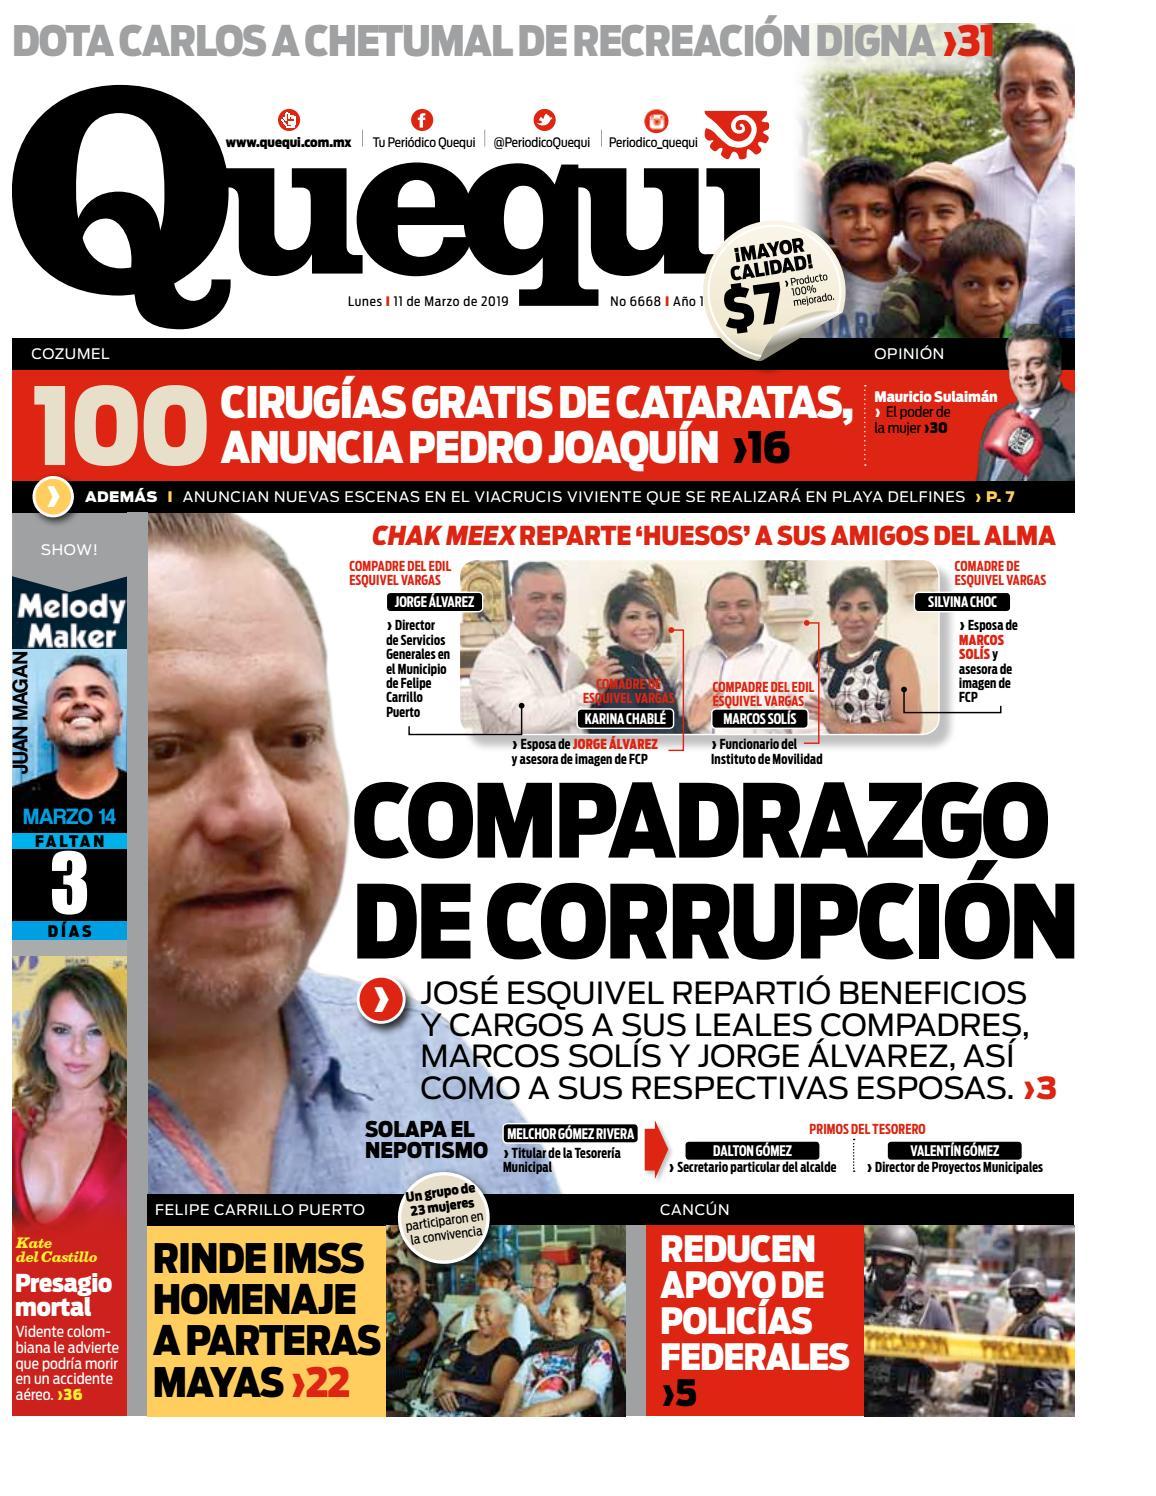 ef19ff0e7 TU PERIODICO QUEQUI by Quequi - issuu